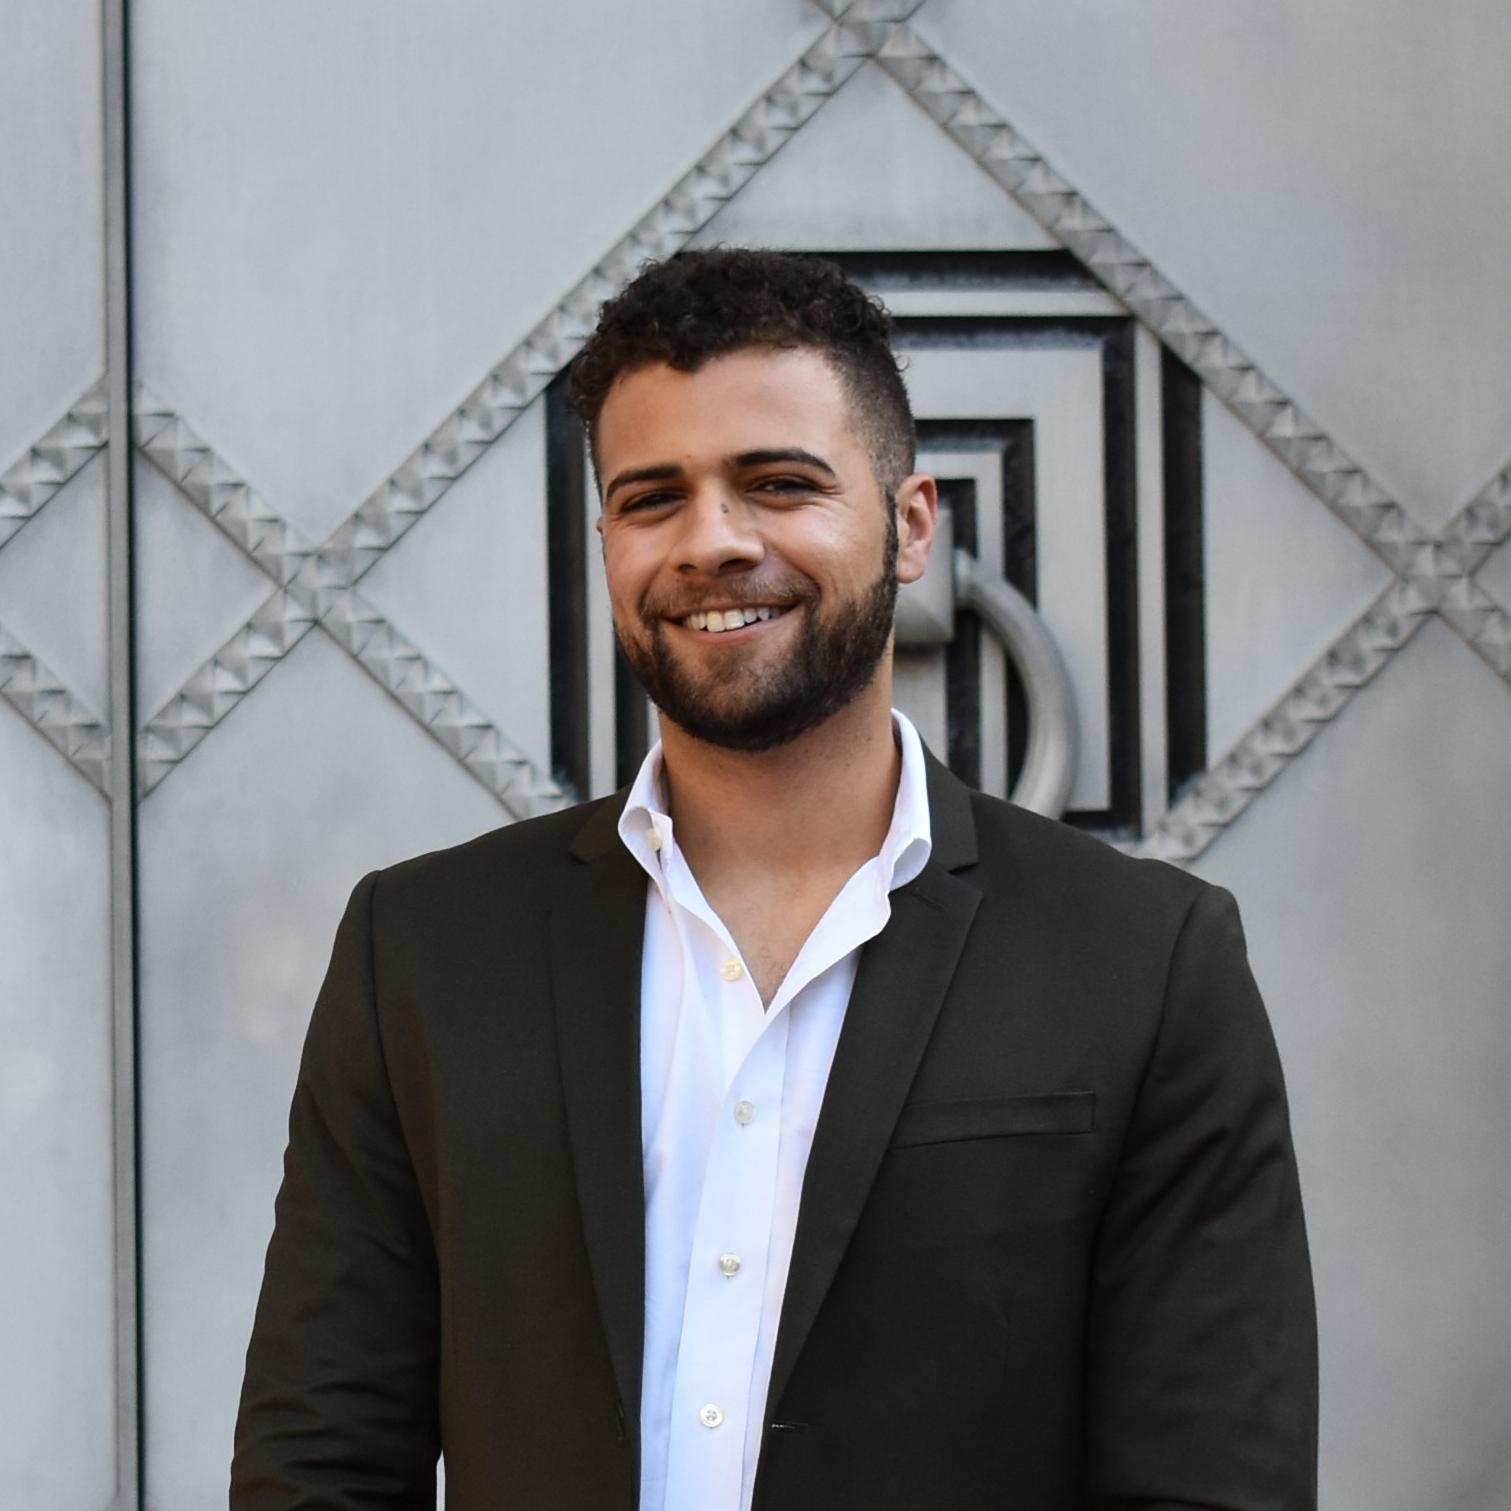 Andre Sanabia